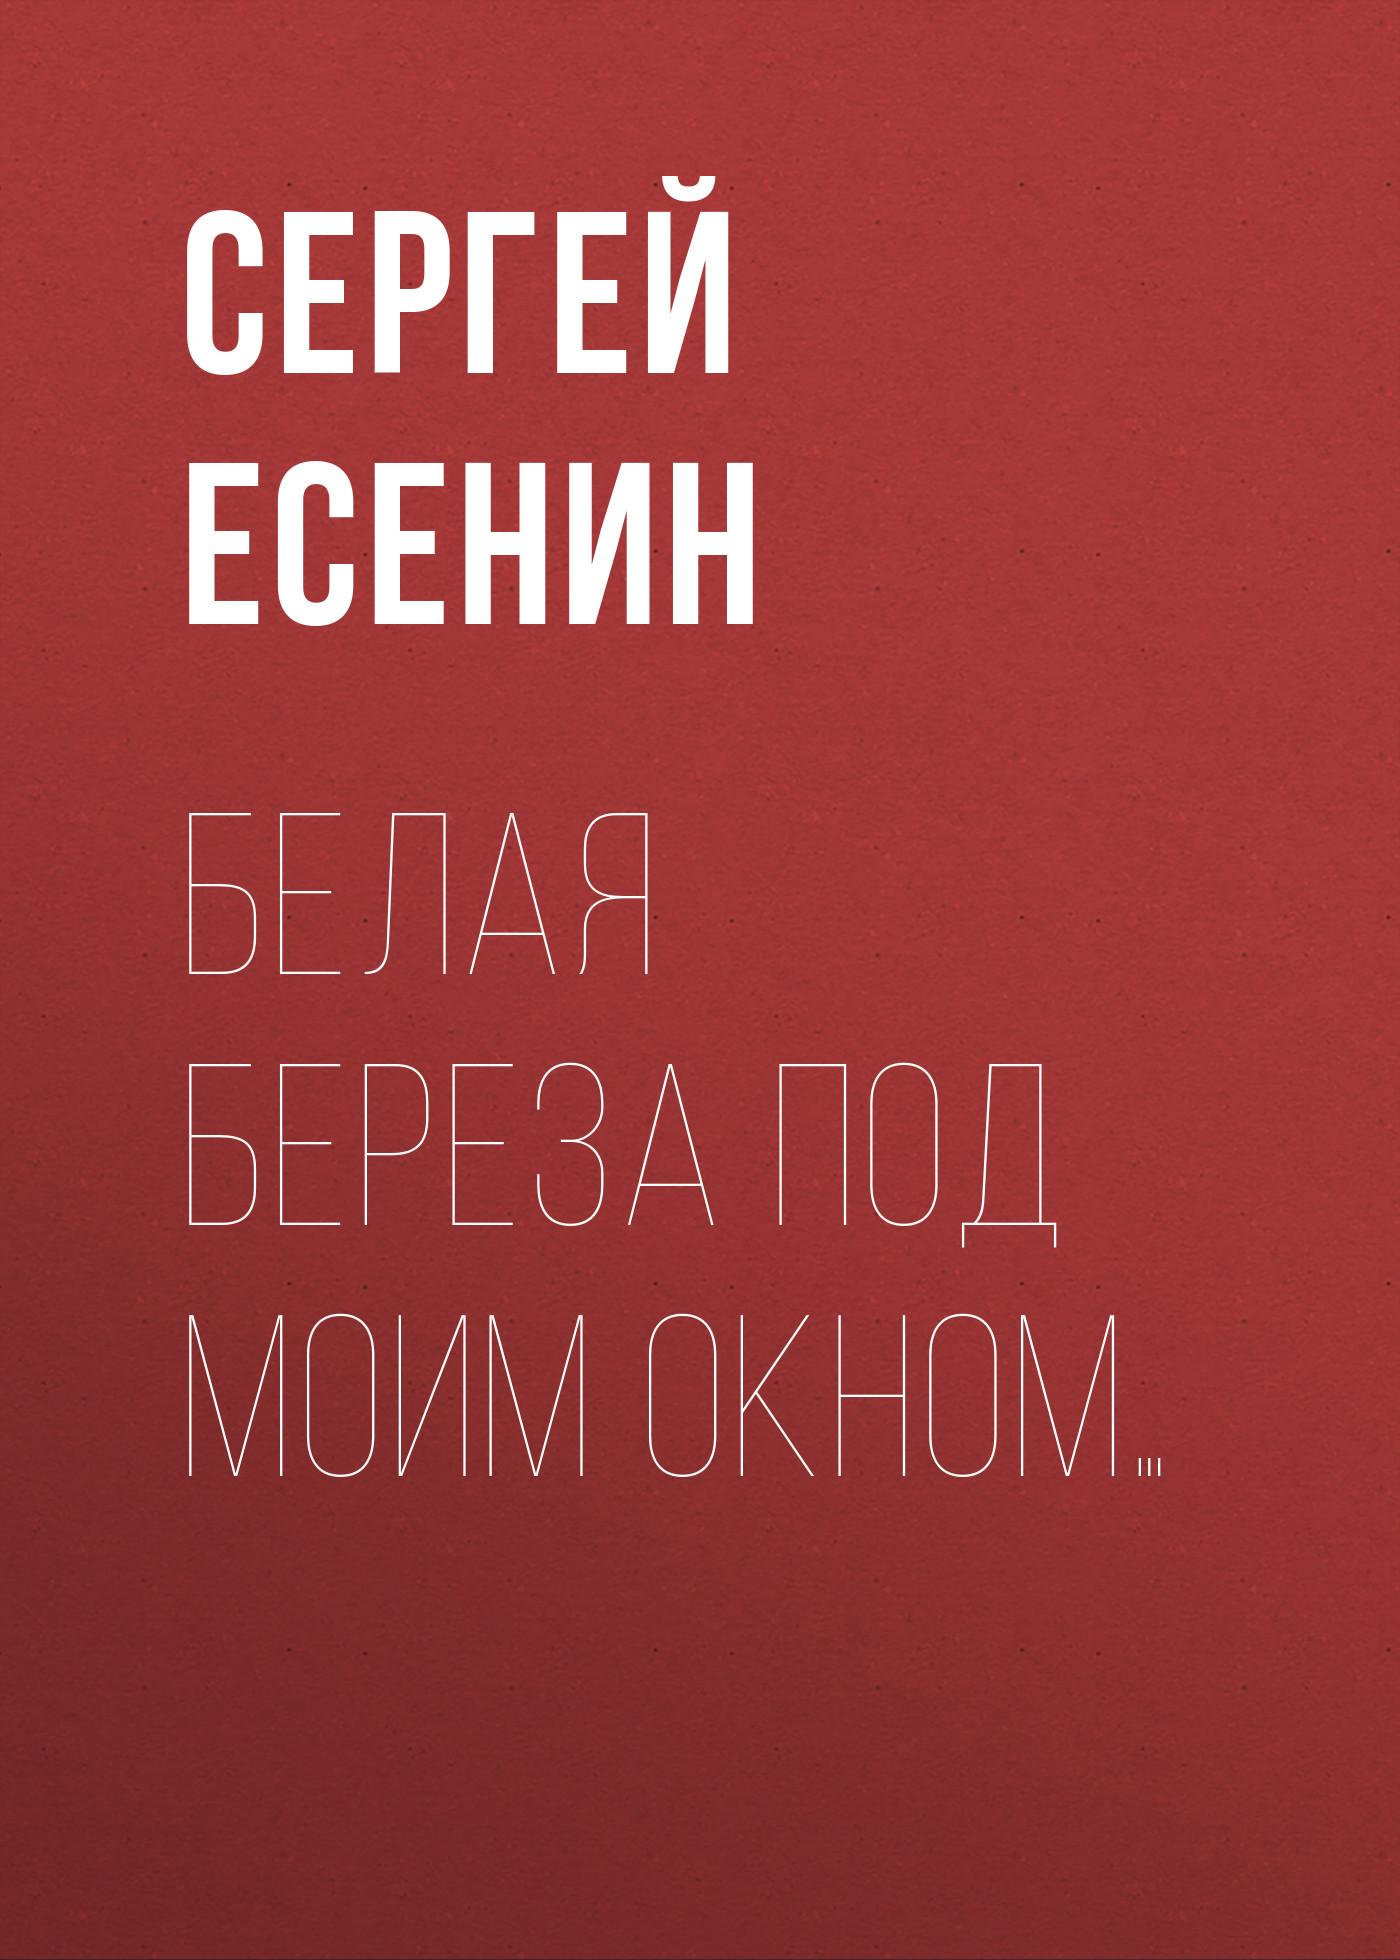 Обложка книги Белая береза под моим окном…, автор Сергей Есенин